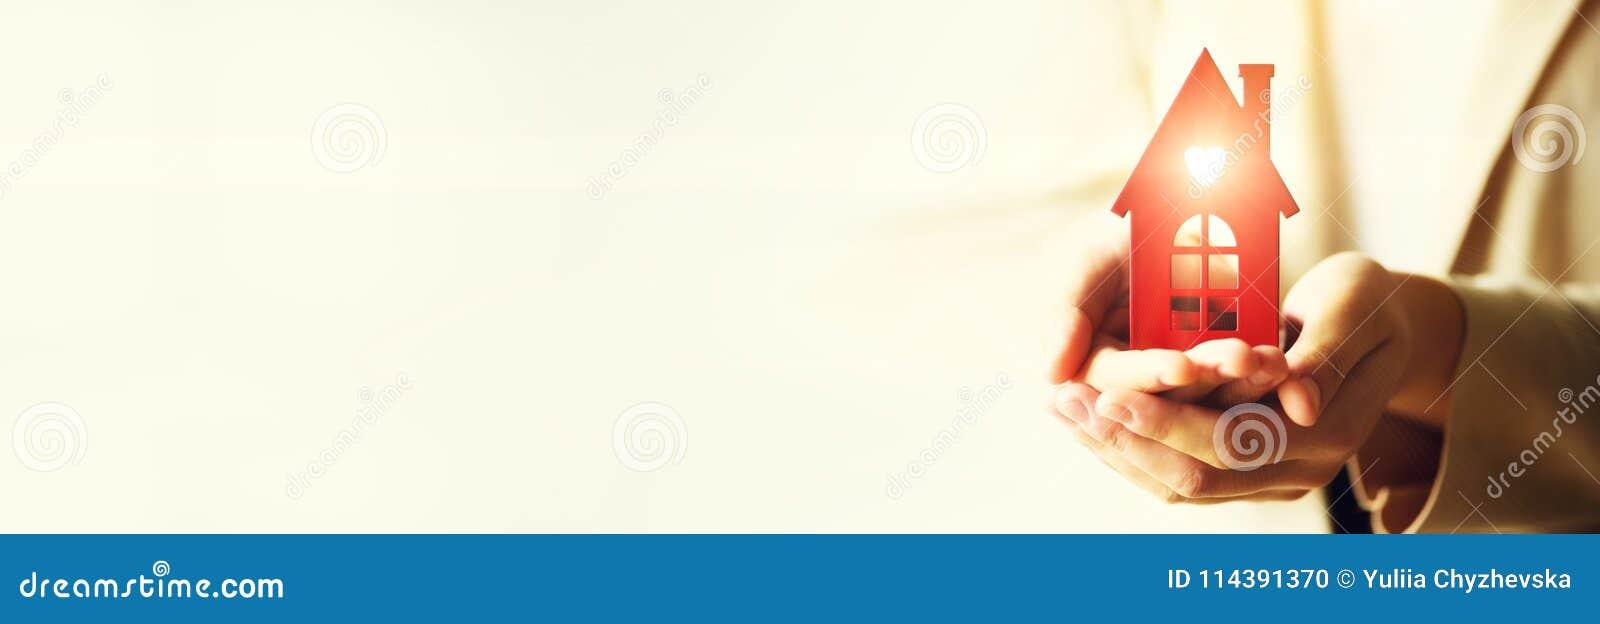 Mão fêmea que guarda a chave da casa, mediador imobiliário Seguro patrimonial, segurança e conceito home acolhedor Copie o espaço